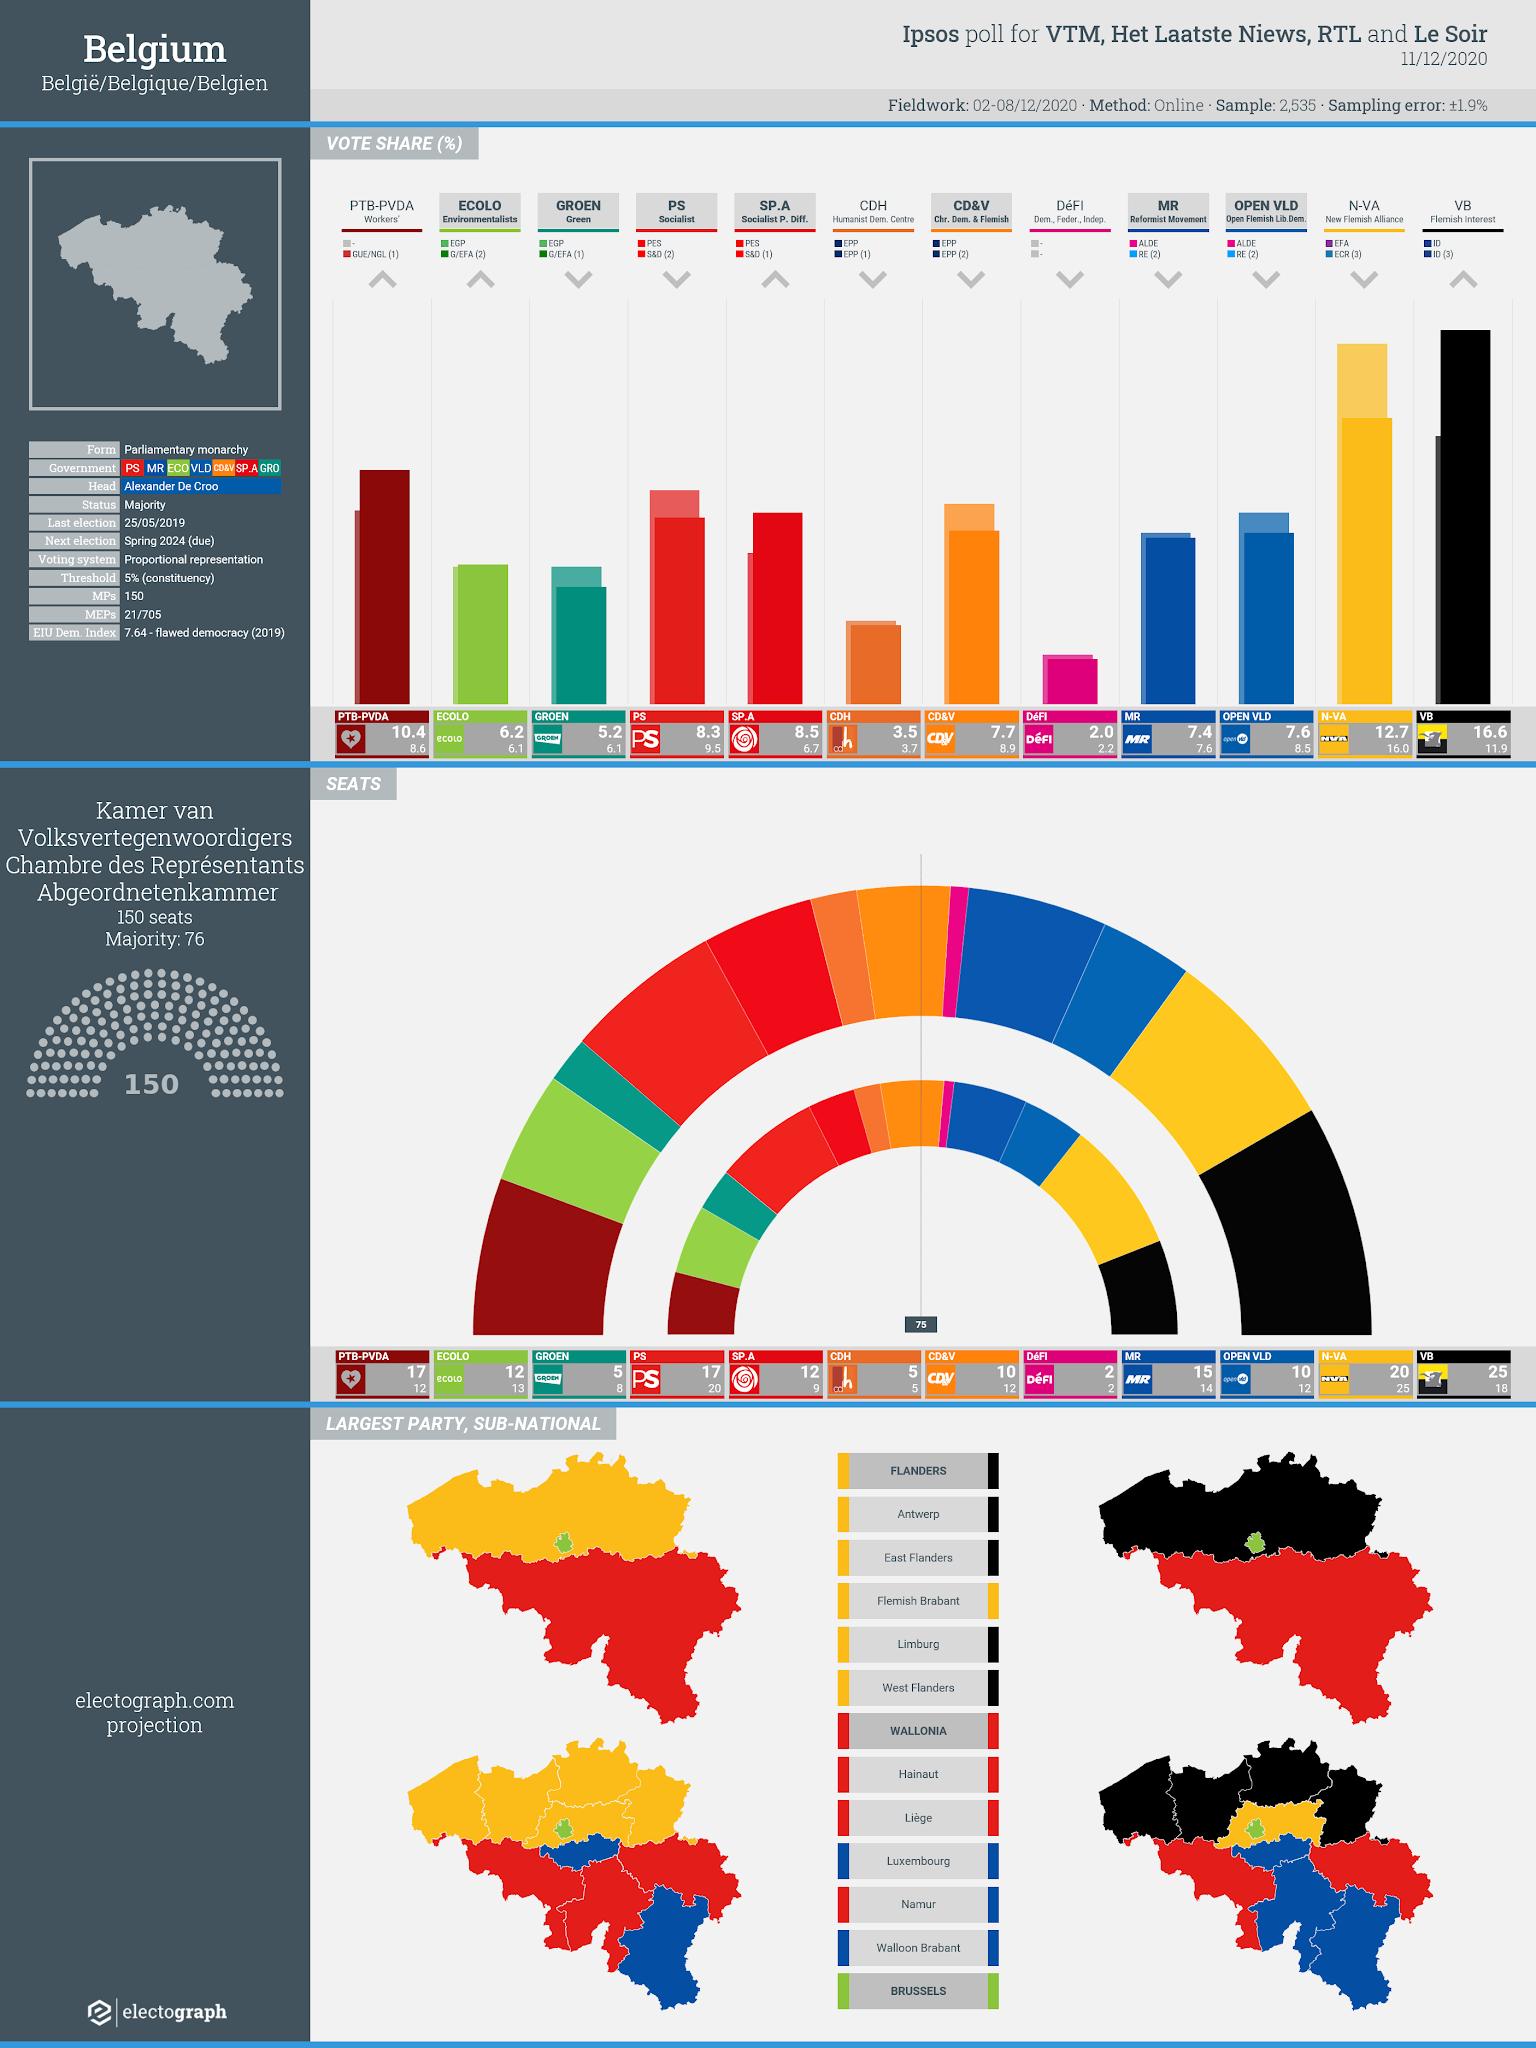 BELGIUM: Ipsos poll chart for VTM, Het Laatste Nieuws, RTL and Le Soir, 11 December 2020